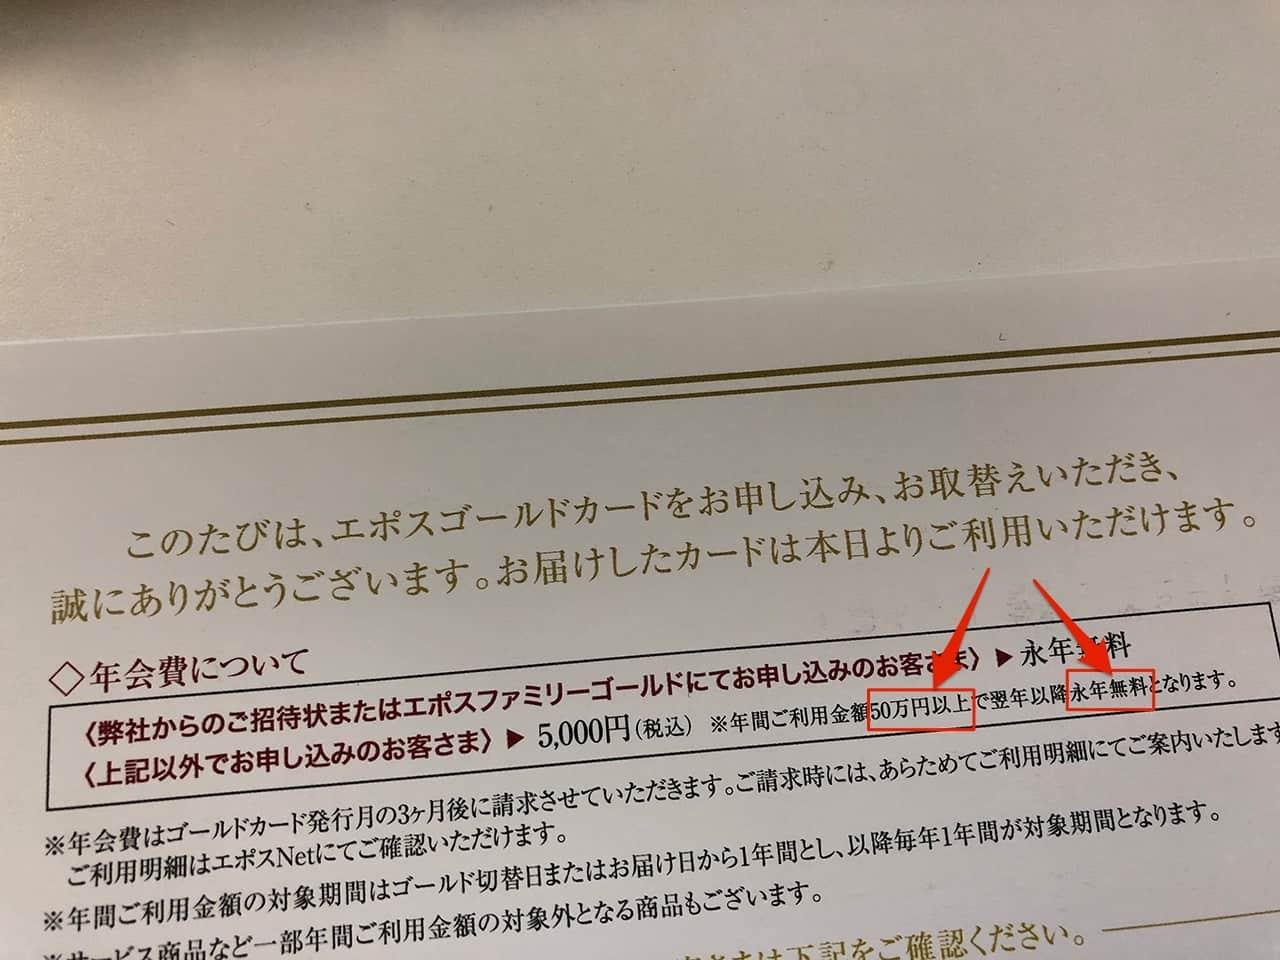 50万円以上で永年無料の表記